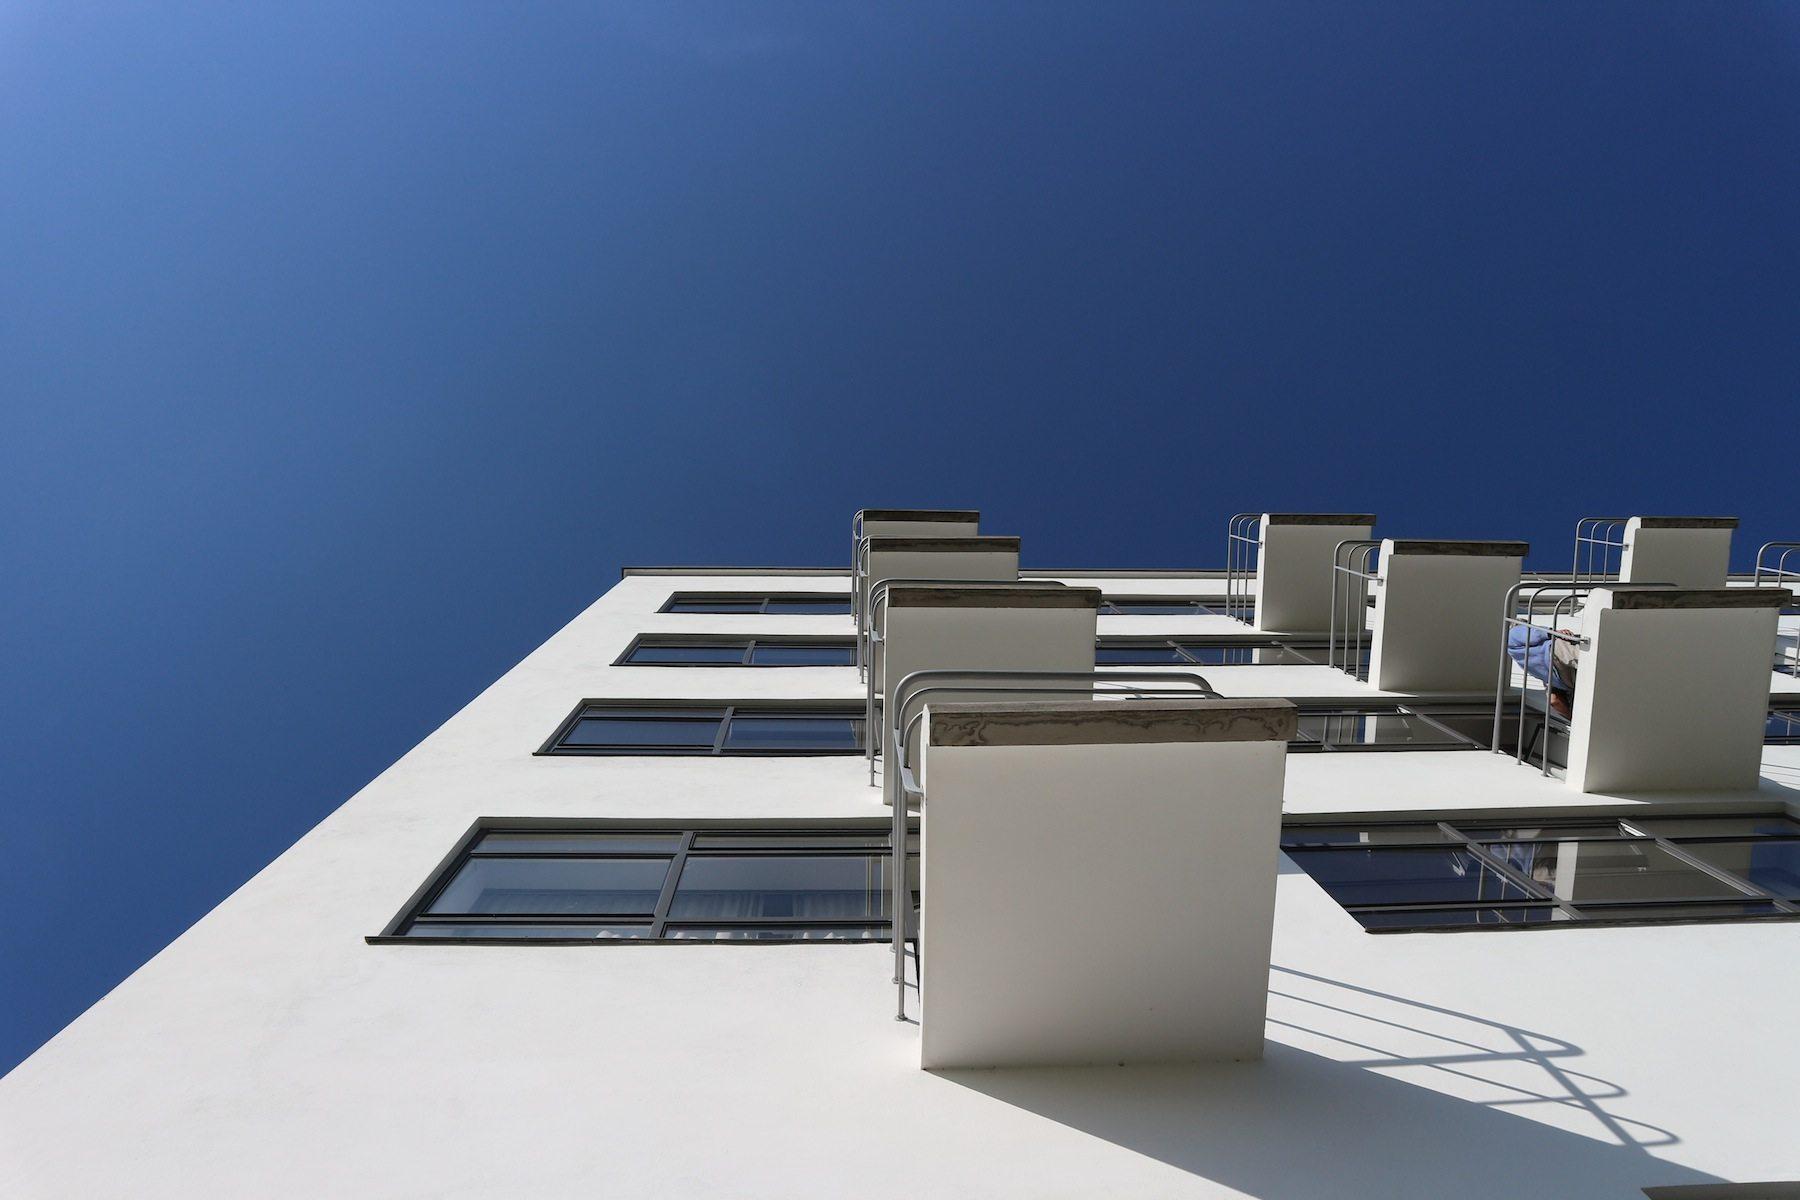 Perspektiven. Die Balkone des Atelierhauses.